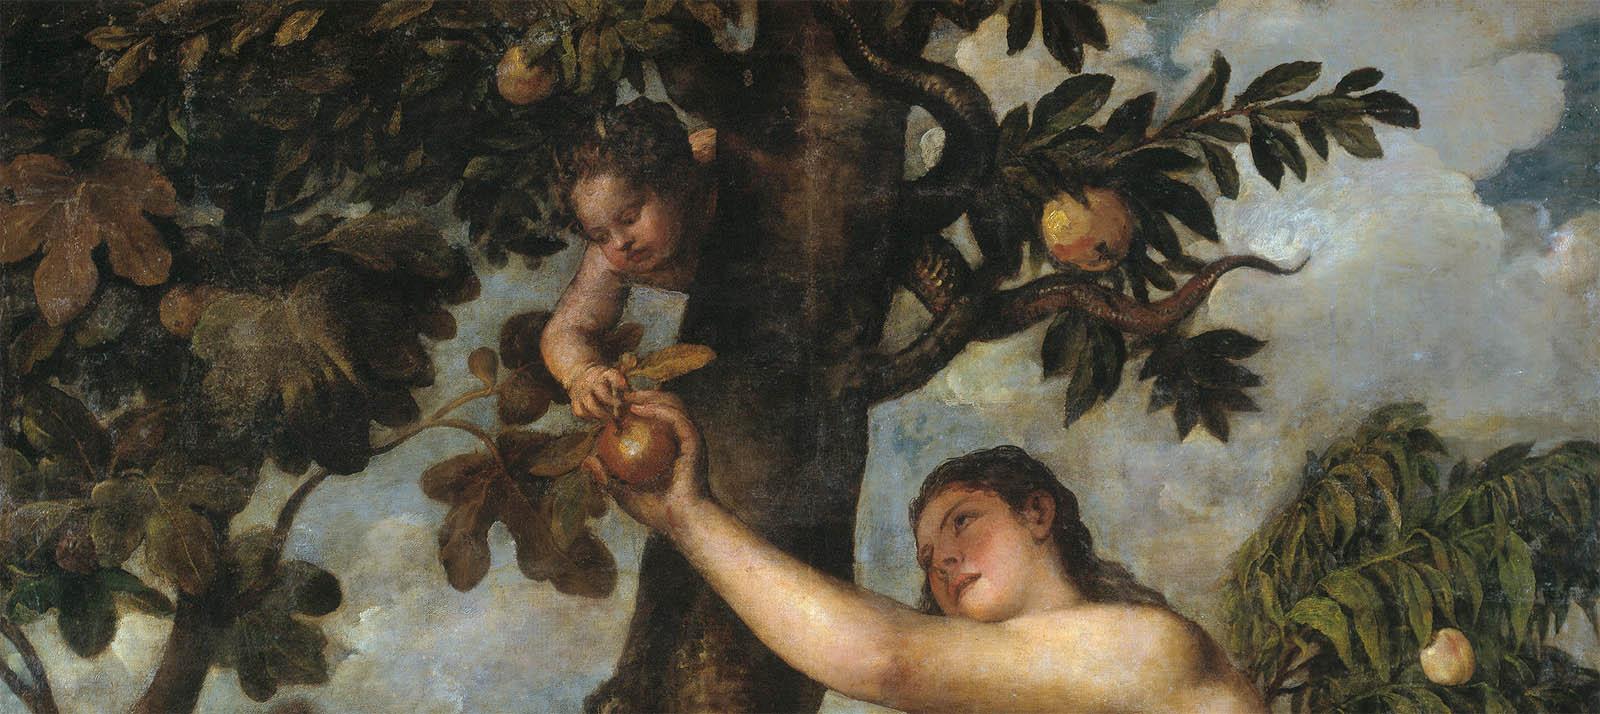 Eva in paradiso che raccoglie la mela di conoscenza dall'albero